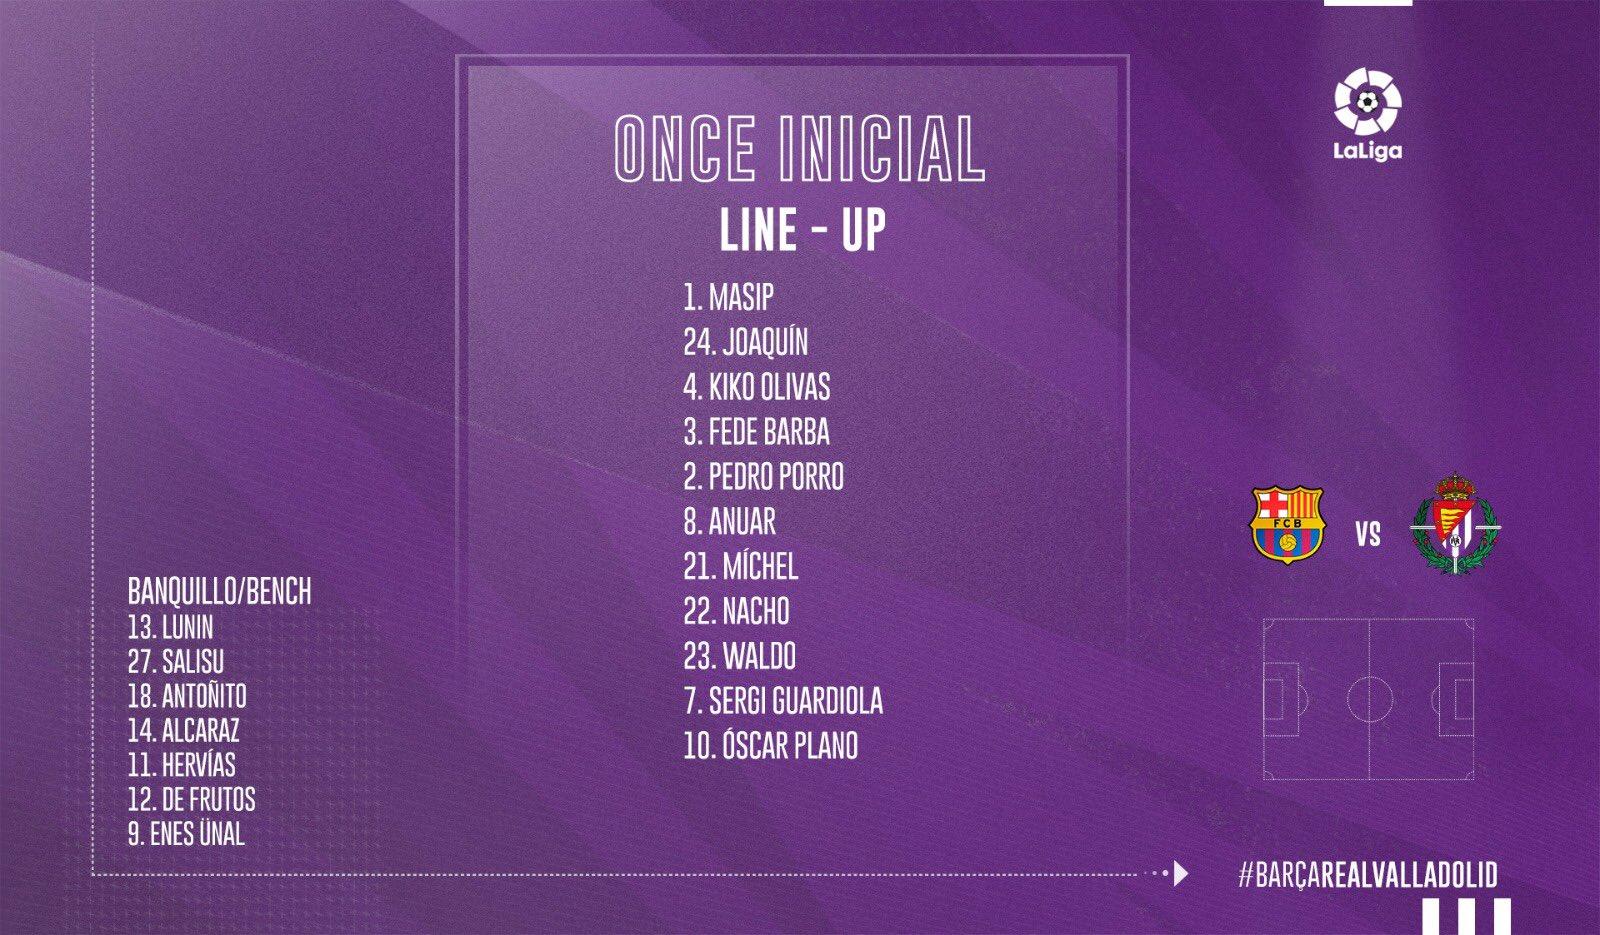 F.C. Barcelona - Real Valladolid C.F. Martes 29 de Octubre. 21:15 IMG-20191029-200422